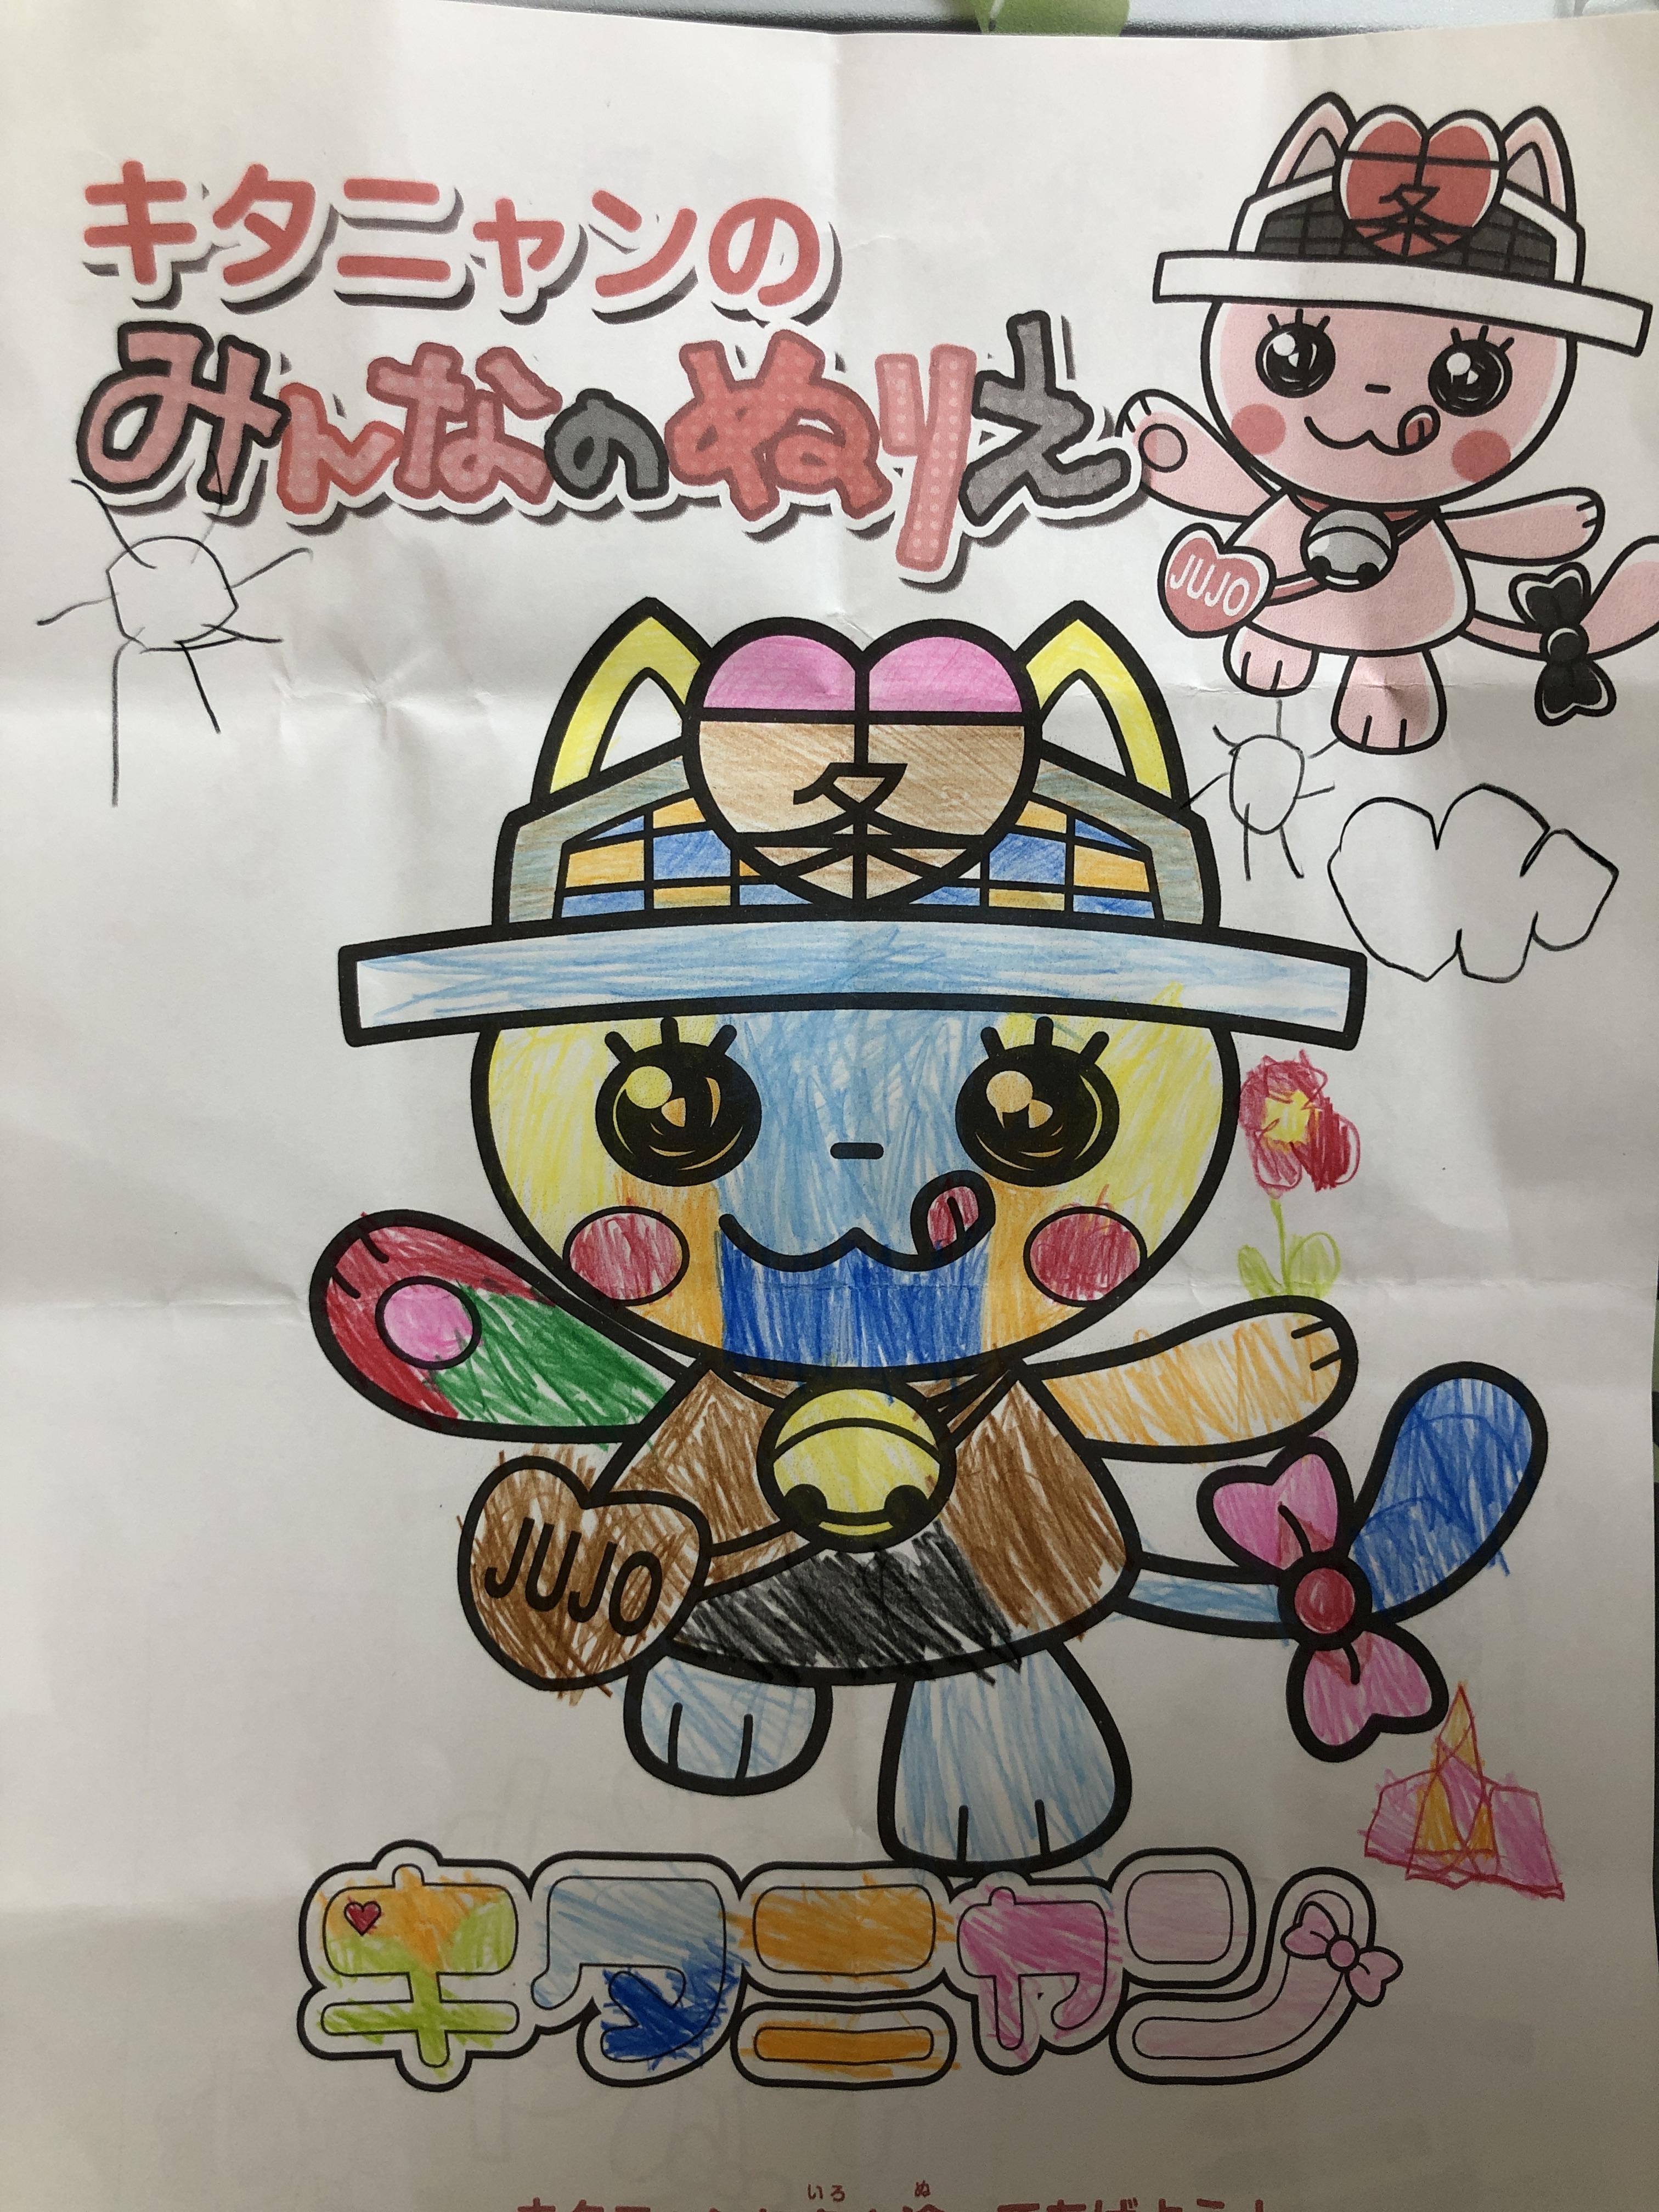 タイトル:カラフルキタニャン かわばた ここみさん(5才)